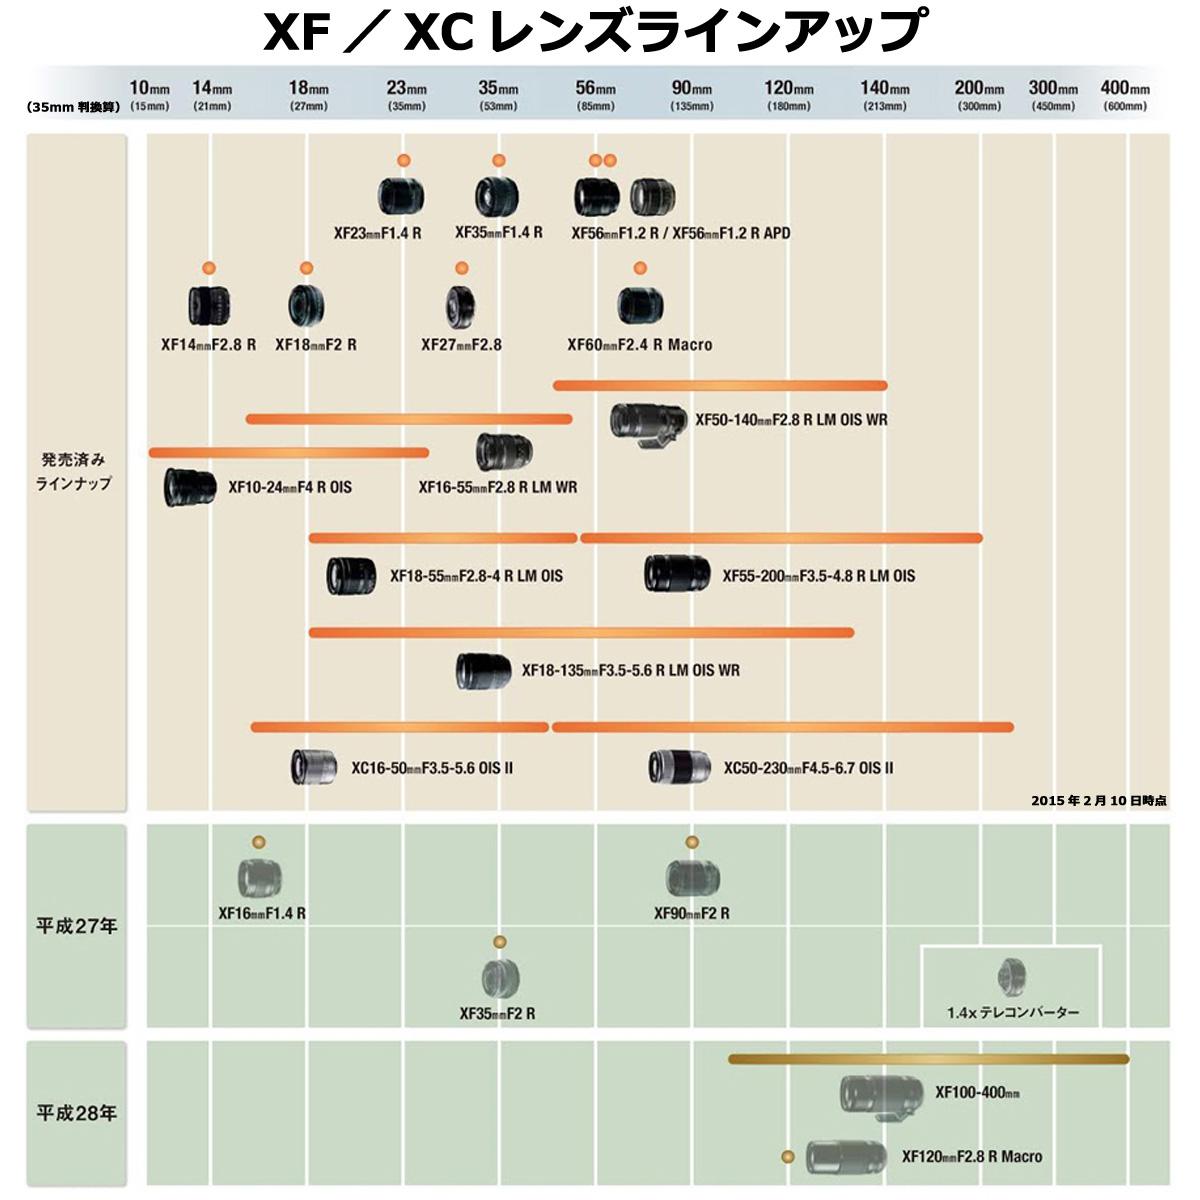 富士胶卷富士能透镜XF35mmF1.4 R[FUJIFILM X座骑大口直径标准镜头F XF35MMF1.4 R]